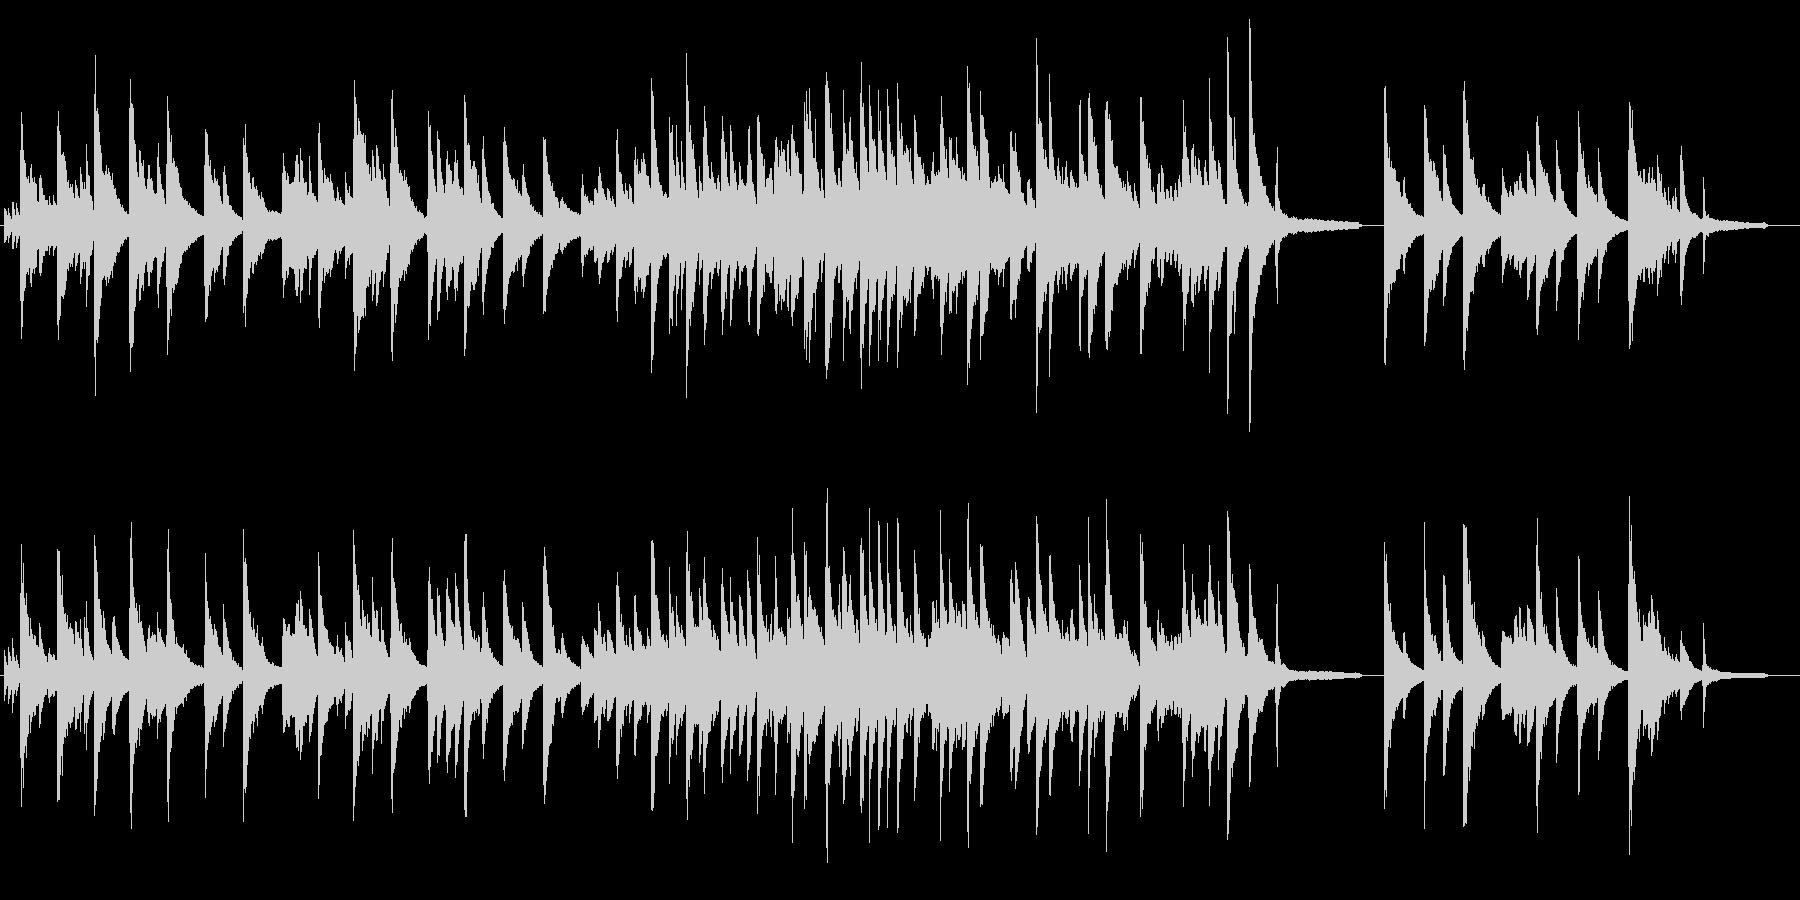 クラシカルな雰囲気のピアノソロ曲ですの未再生の波形